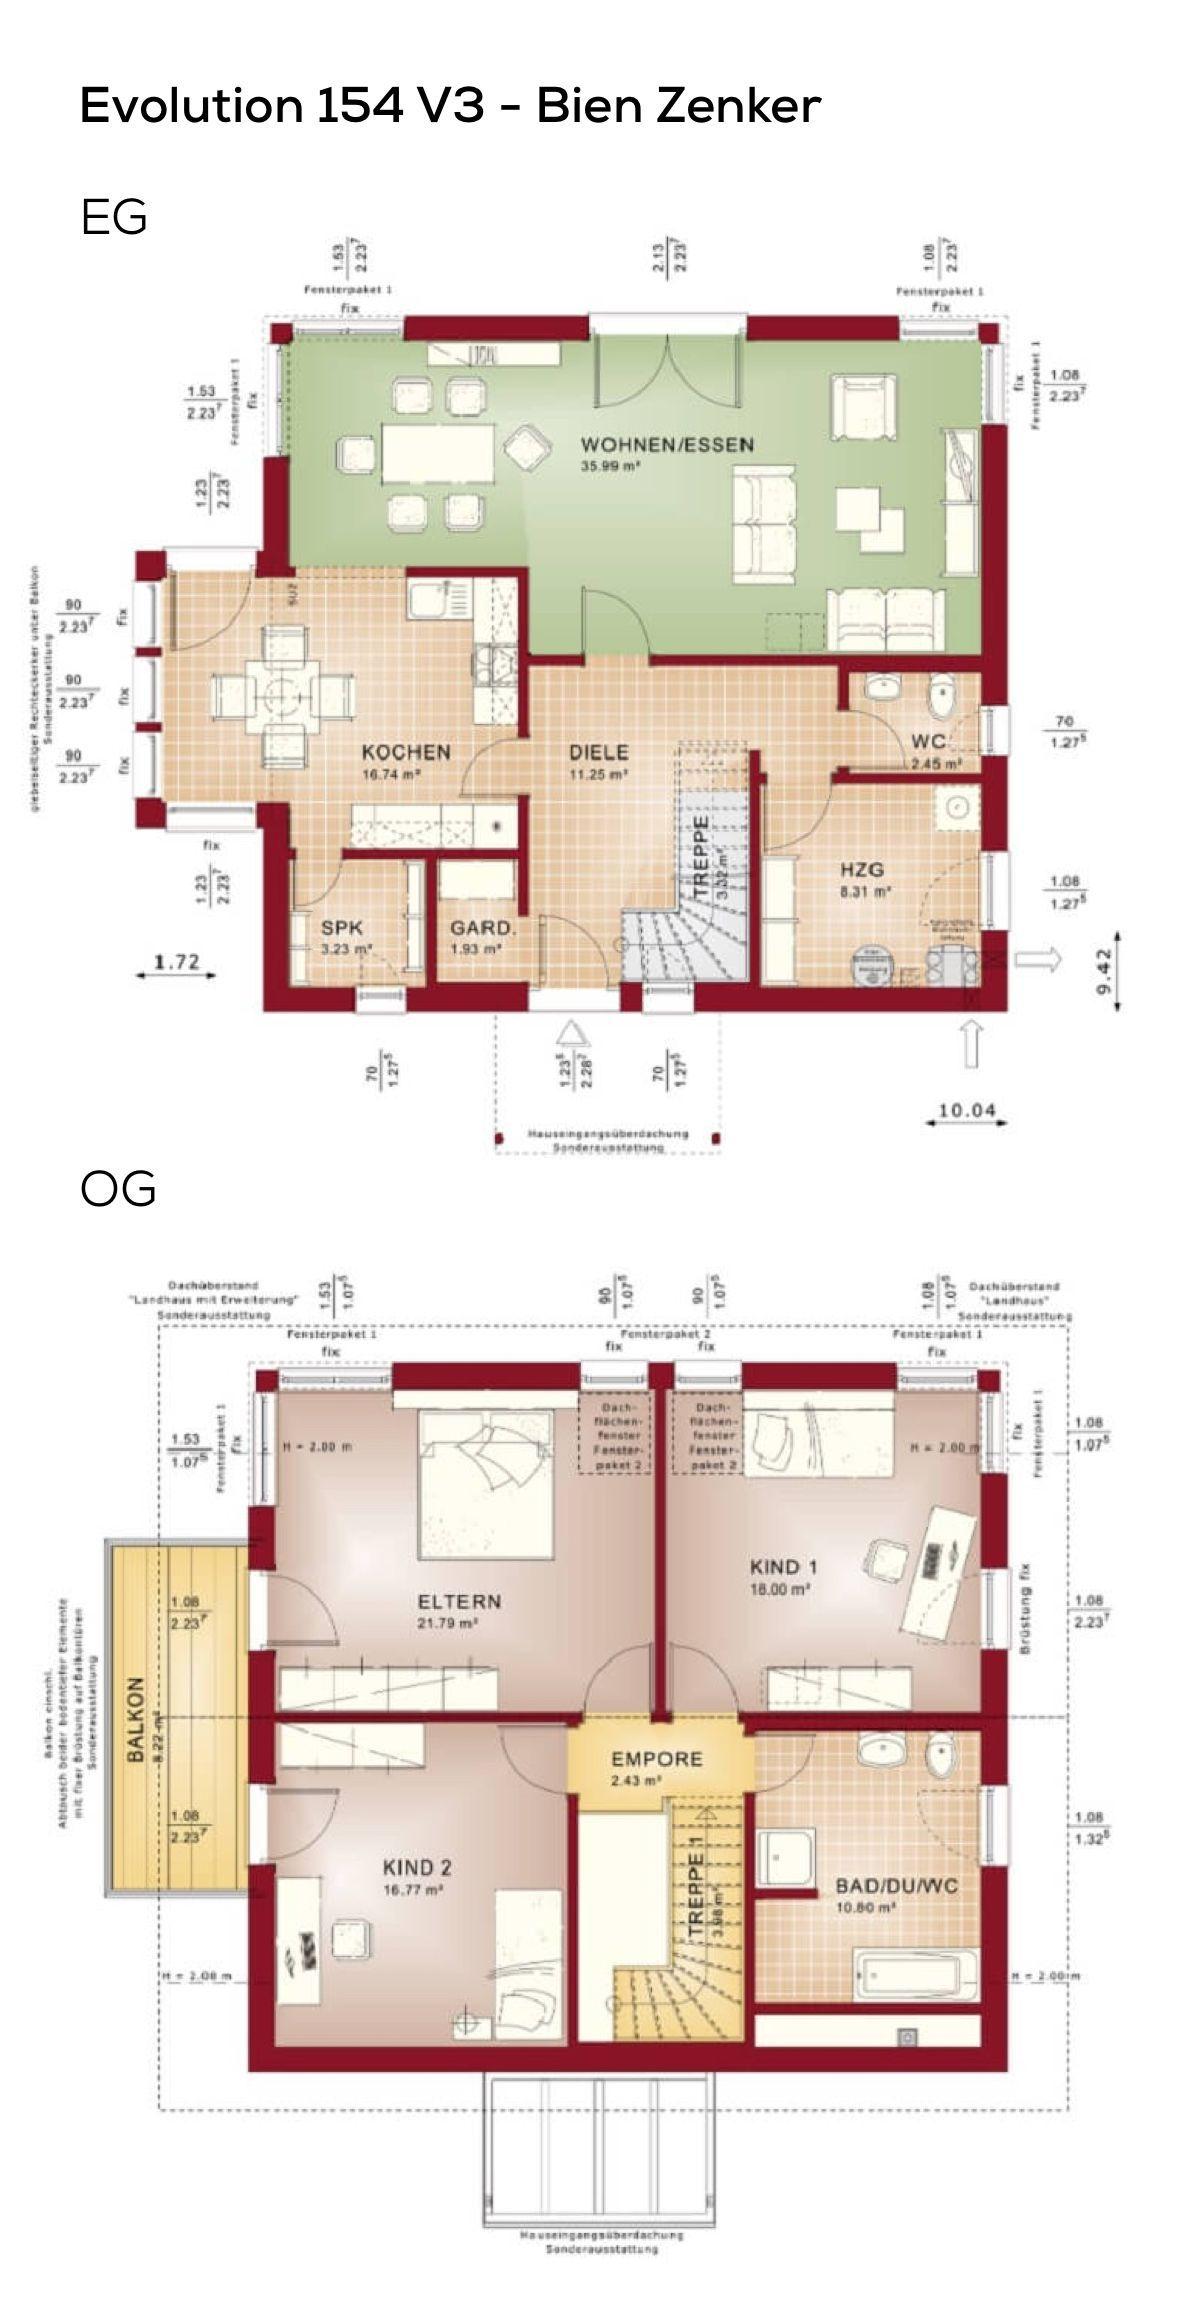 Grundriss Einfamilienhaus Modern Mit Satteldach Architektur 4 Zimmer 150 Qm W In 2020 Grundriss Einfamilienhaus Grundriss Haus Grundriss